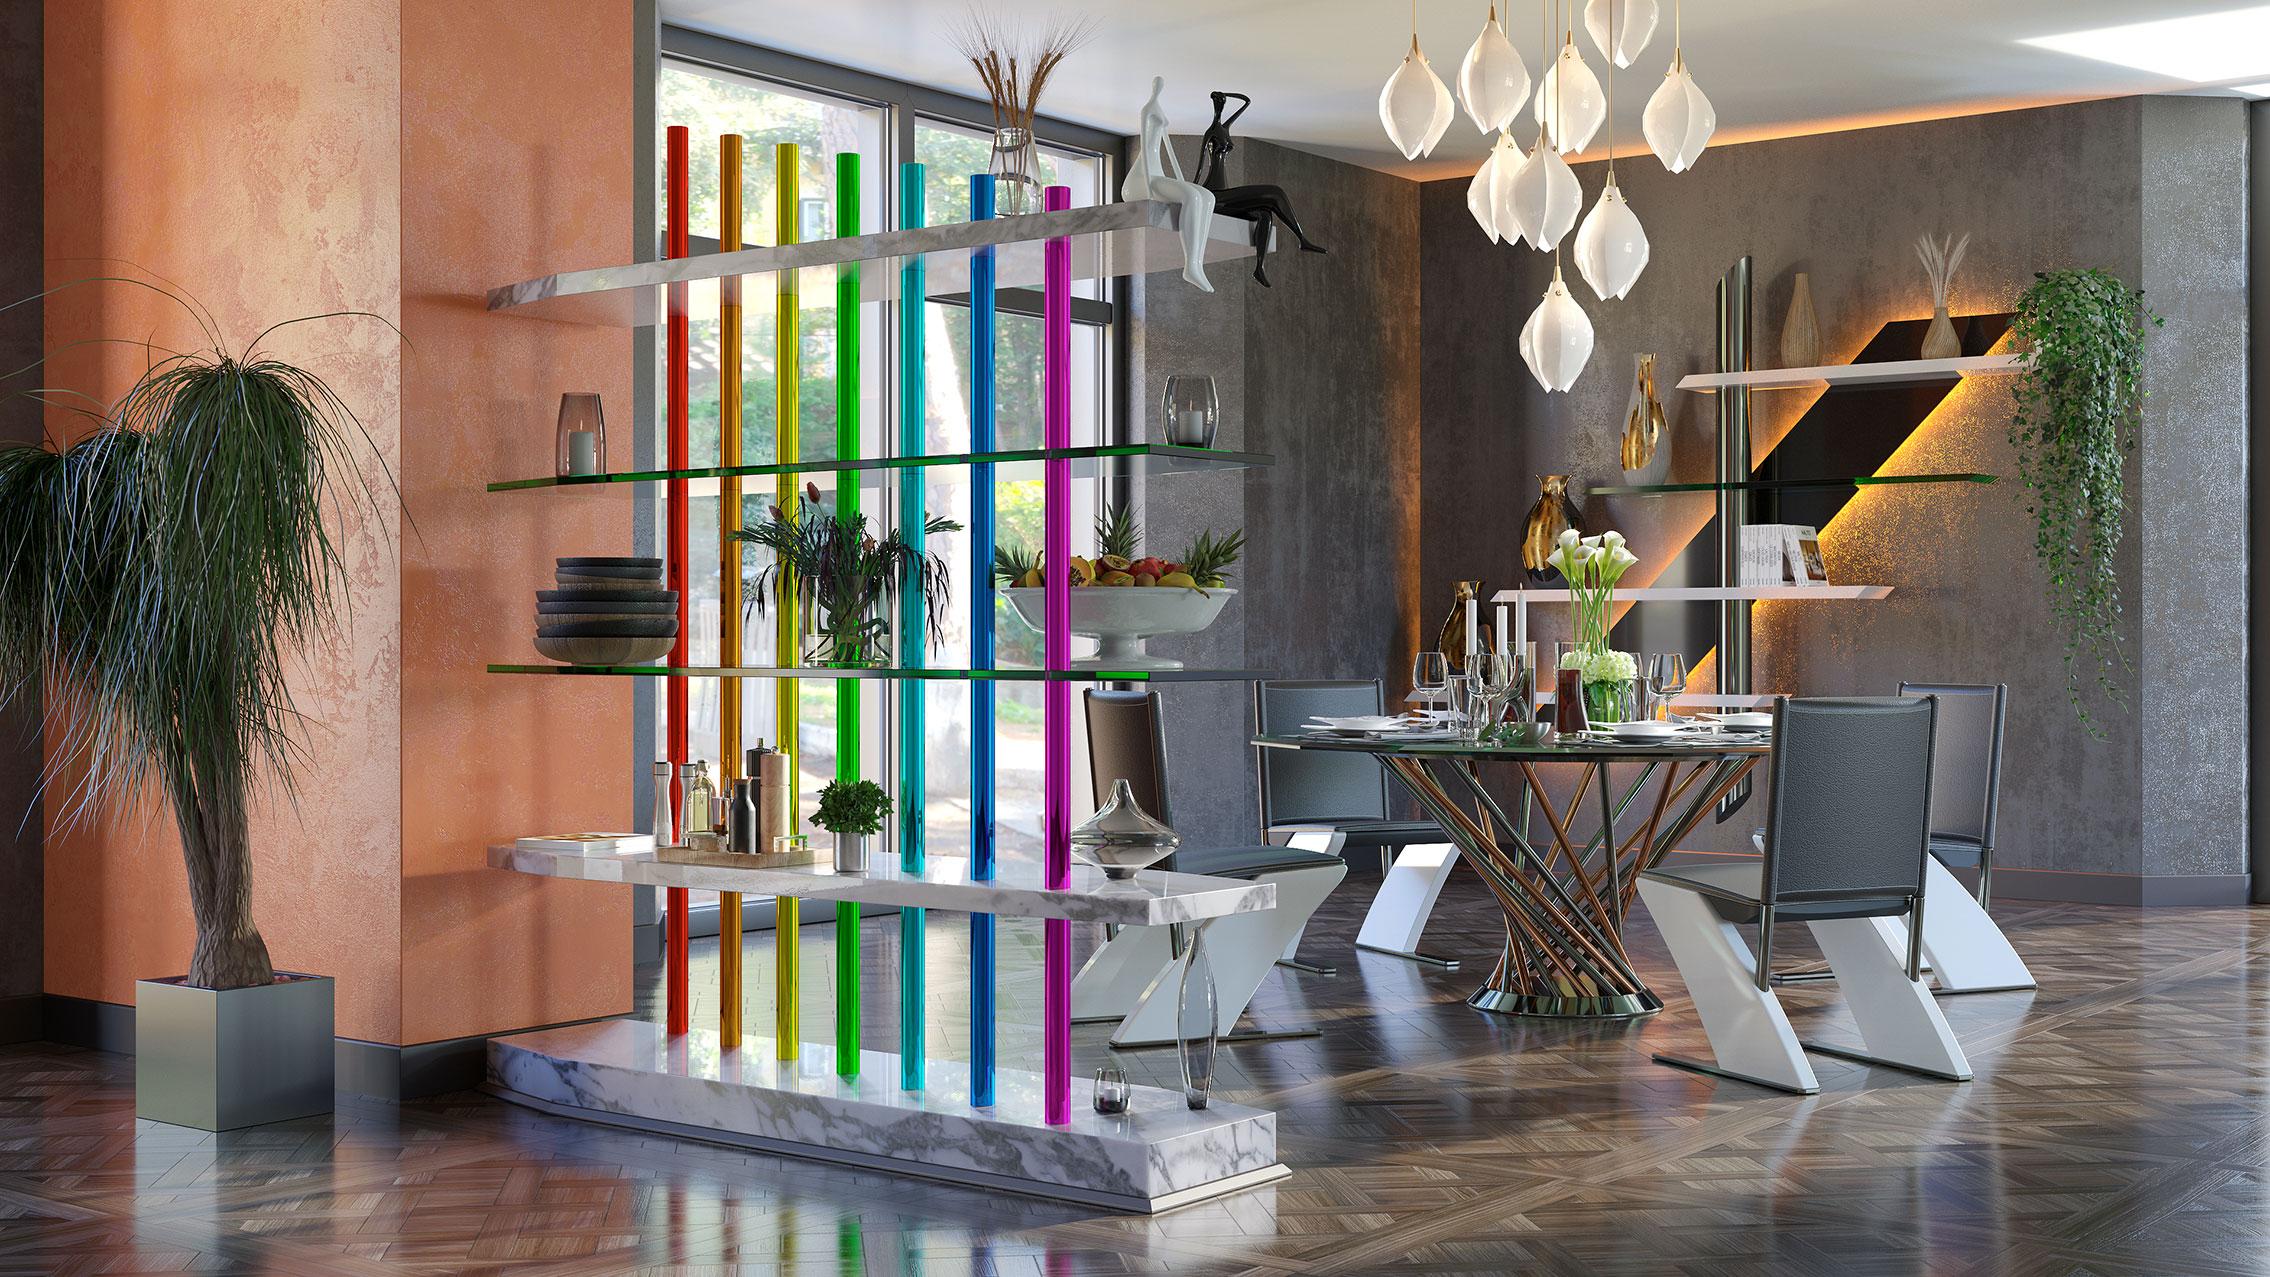 Furniture by Adam Edward Design